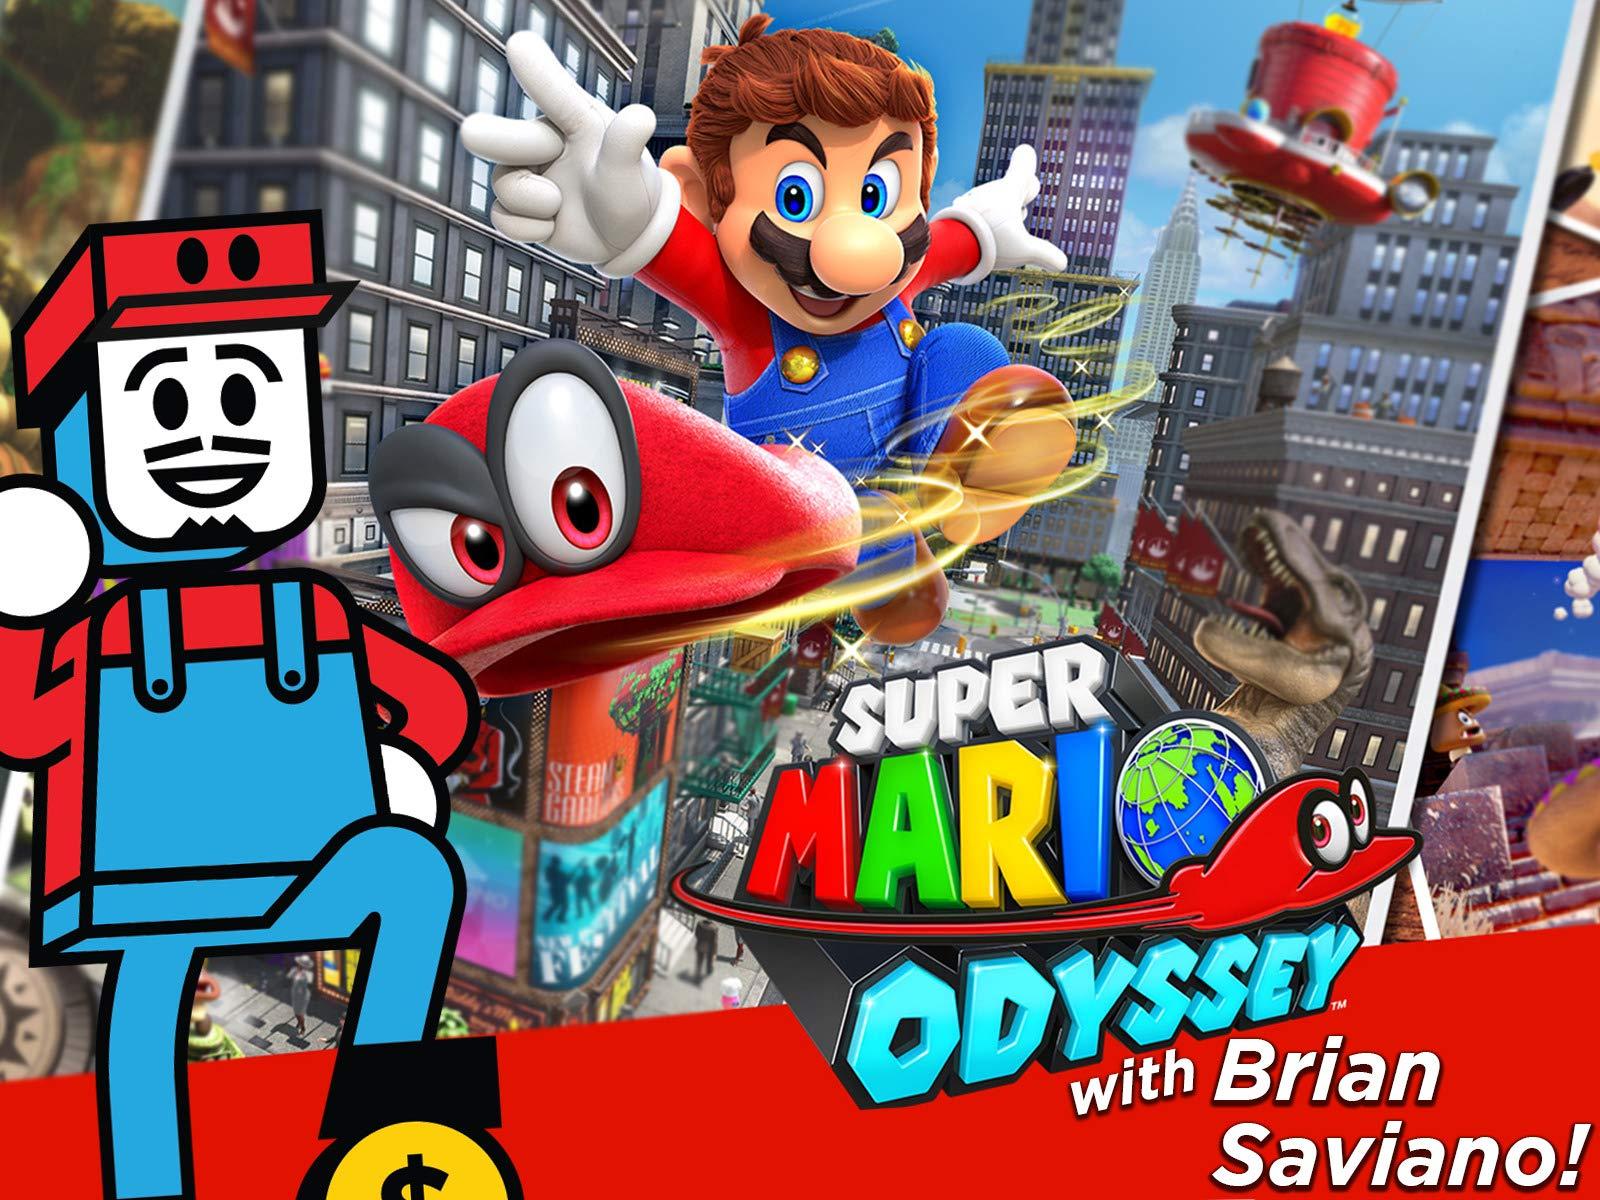 Clip: Super Mario Odyssey Playthrough with Brian Saviano!